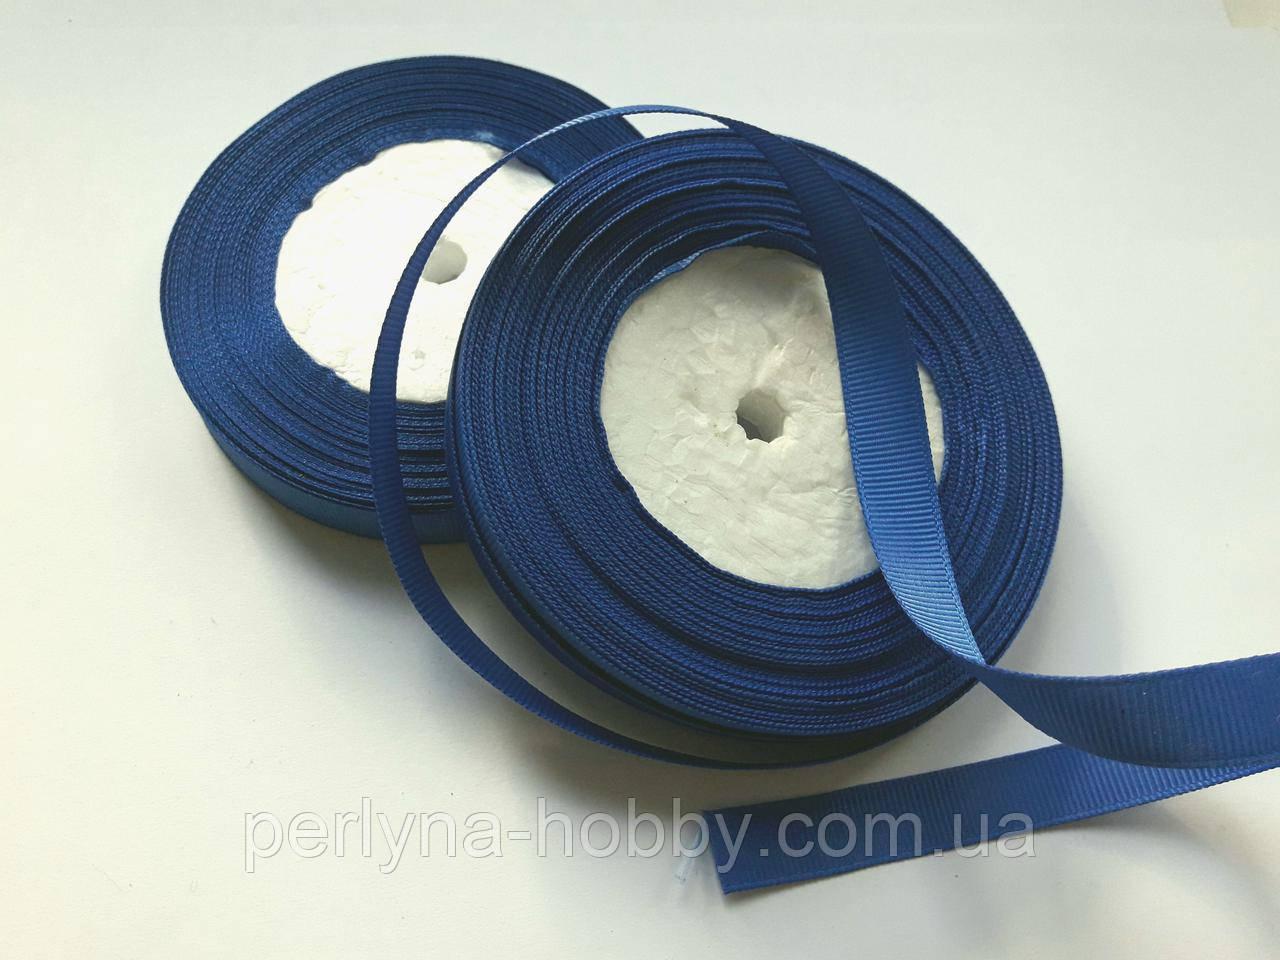 Стрічка репсова 13 мм ( 22 метри в рулоні) синя, темно волошкова